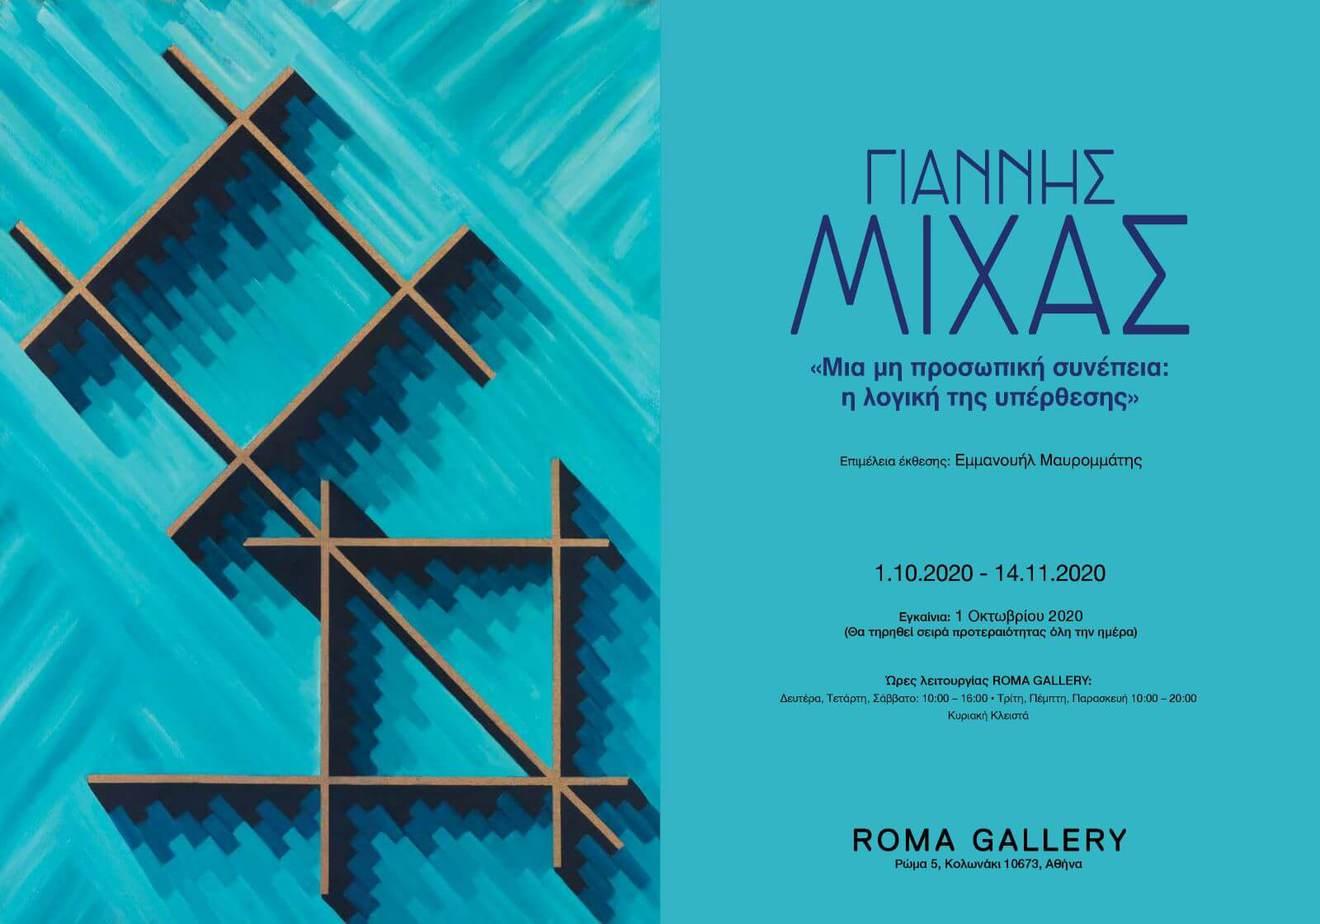 Ατομική Έκθεση του Γιάννης Μίχας στη Roma Gallery